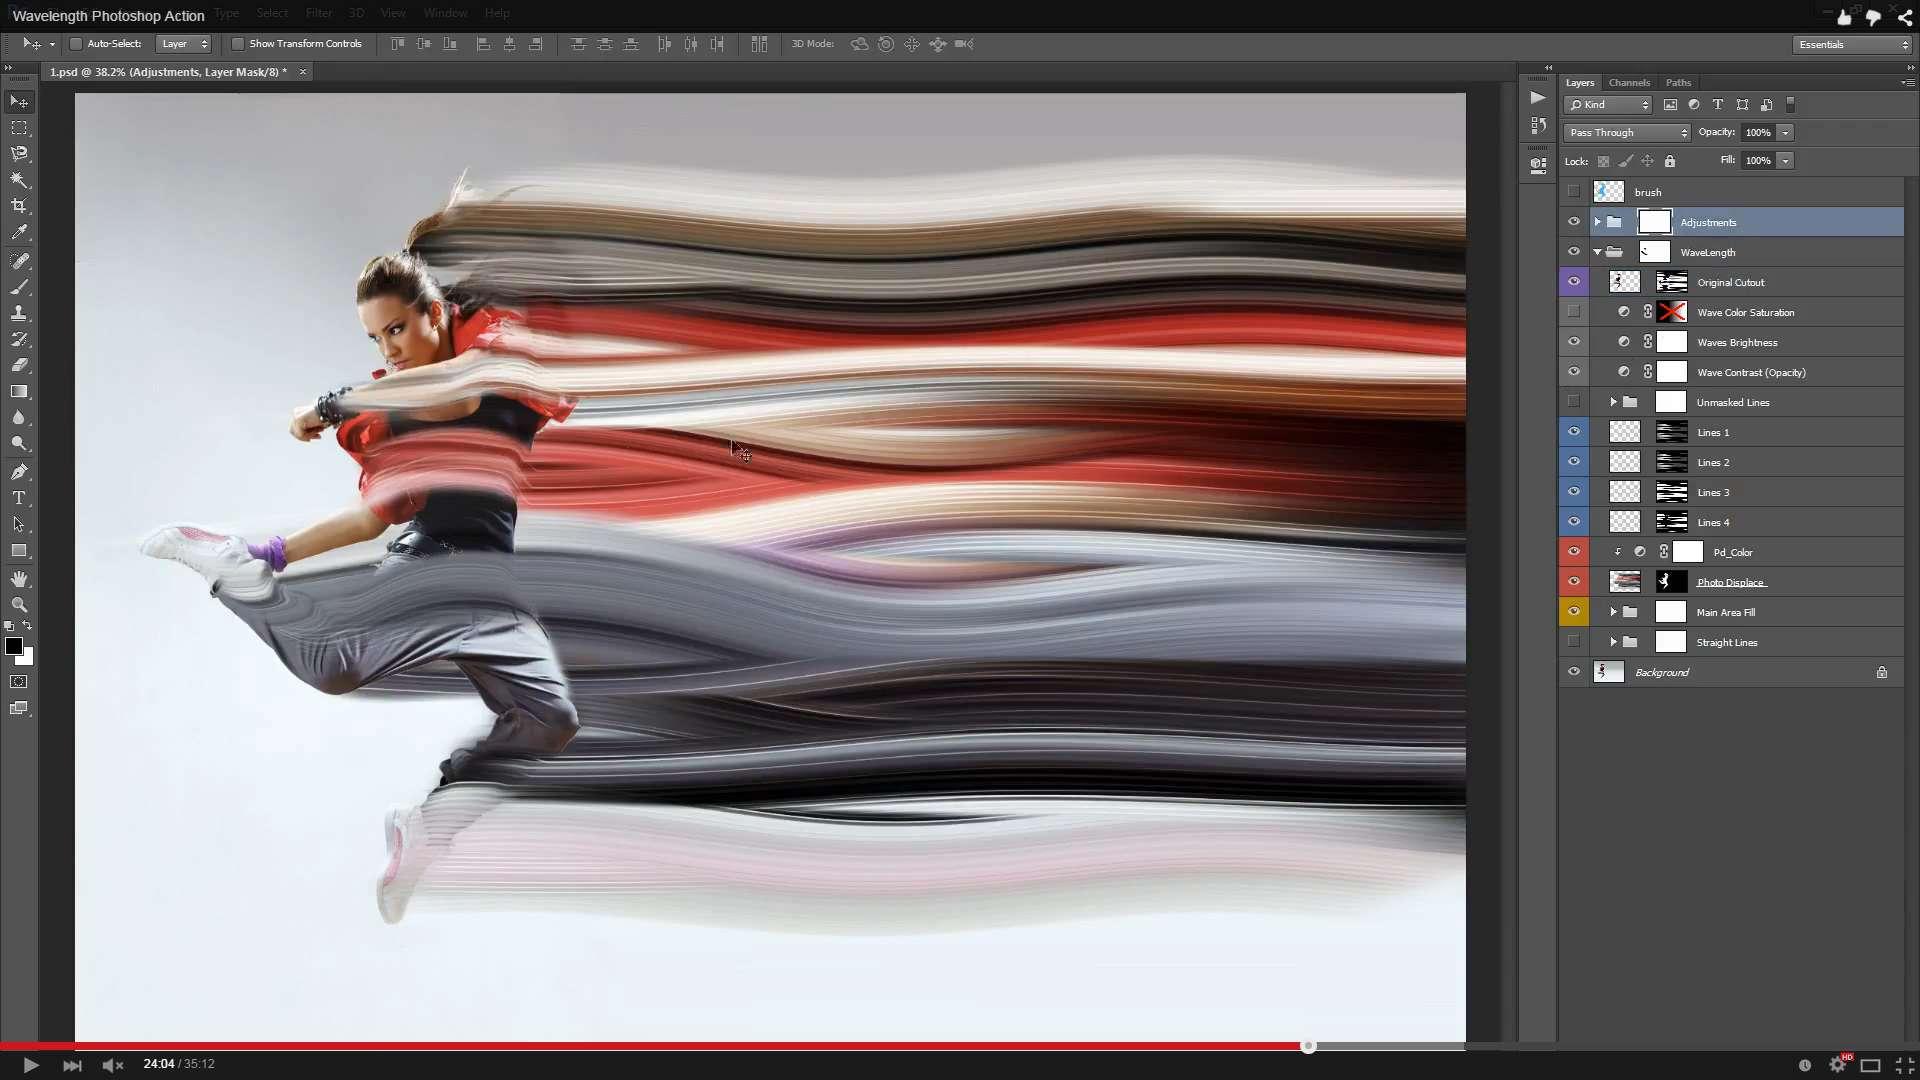 Wavelength Photoshop Action